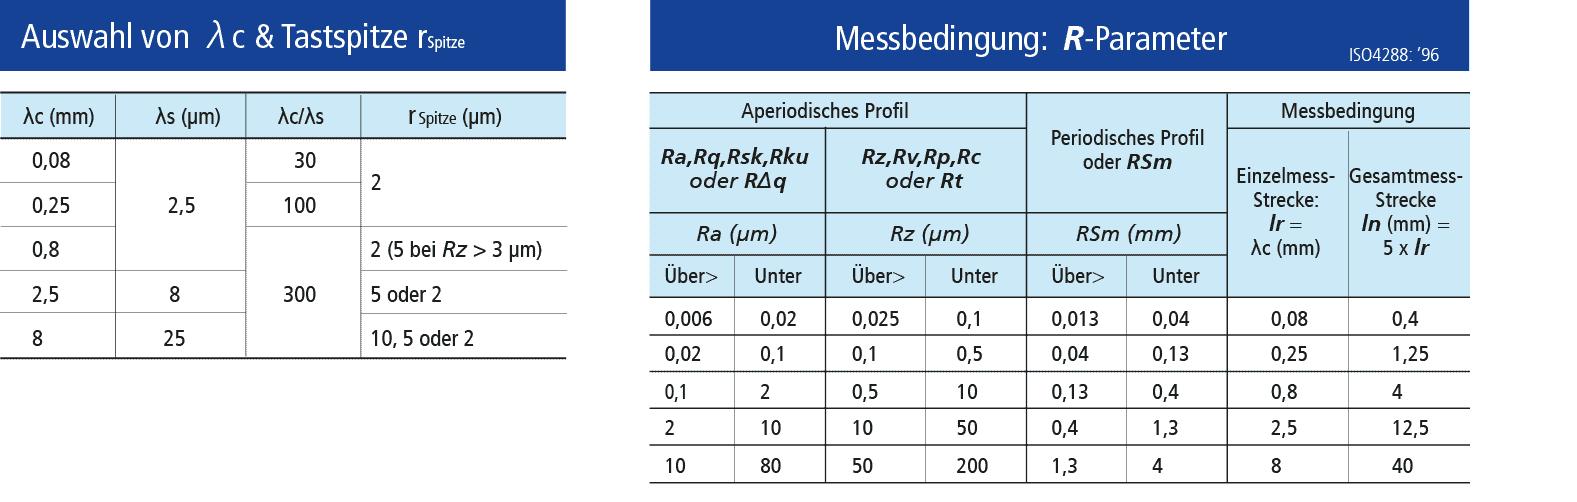 Oberflächen messen: Tabelle zur Auswahl der Tastspitze und R-Parameter